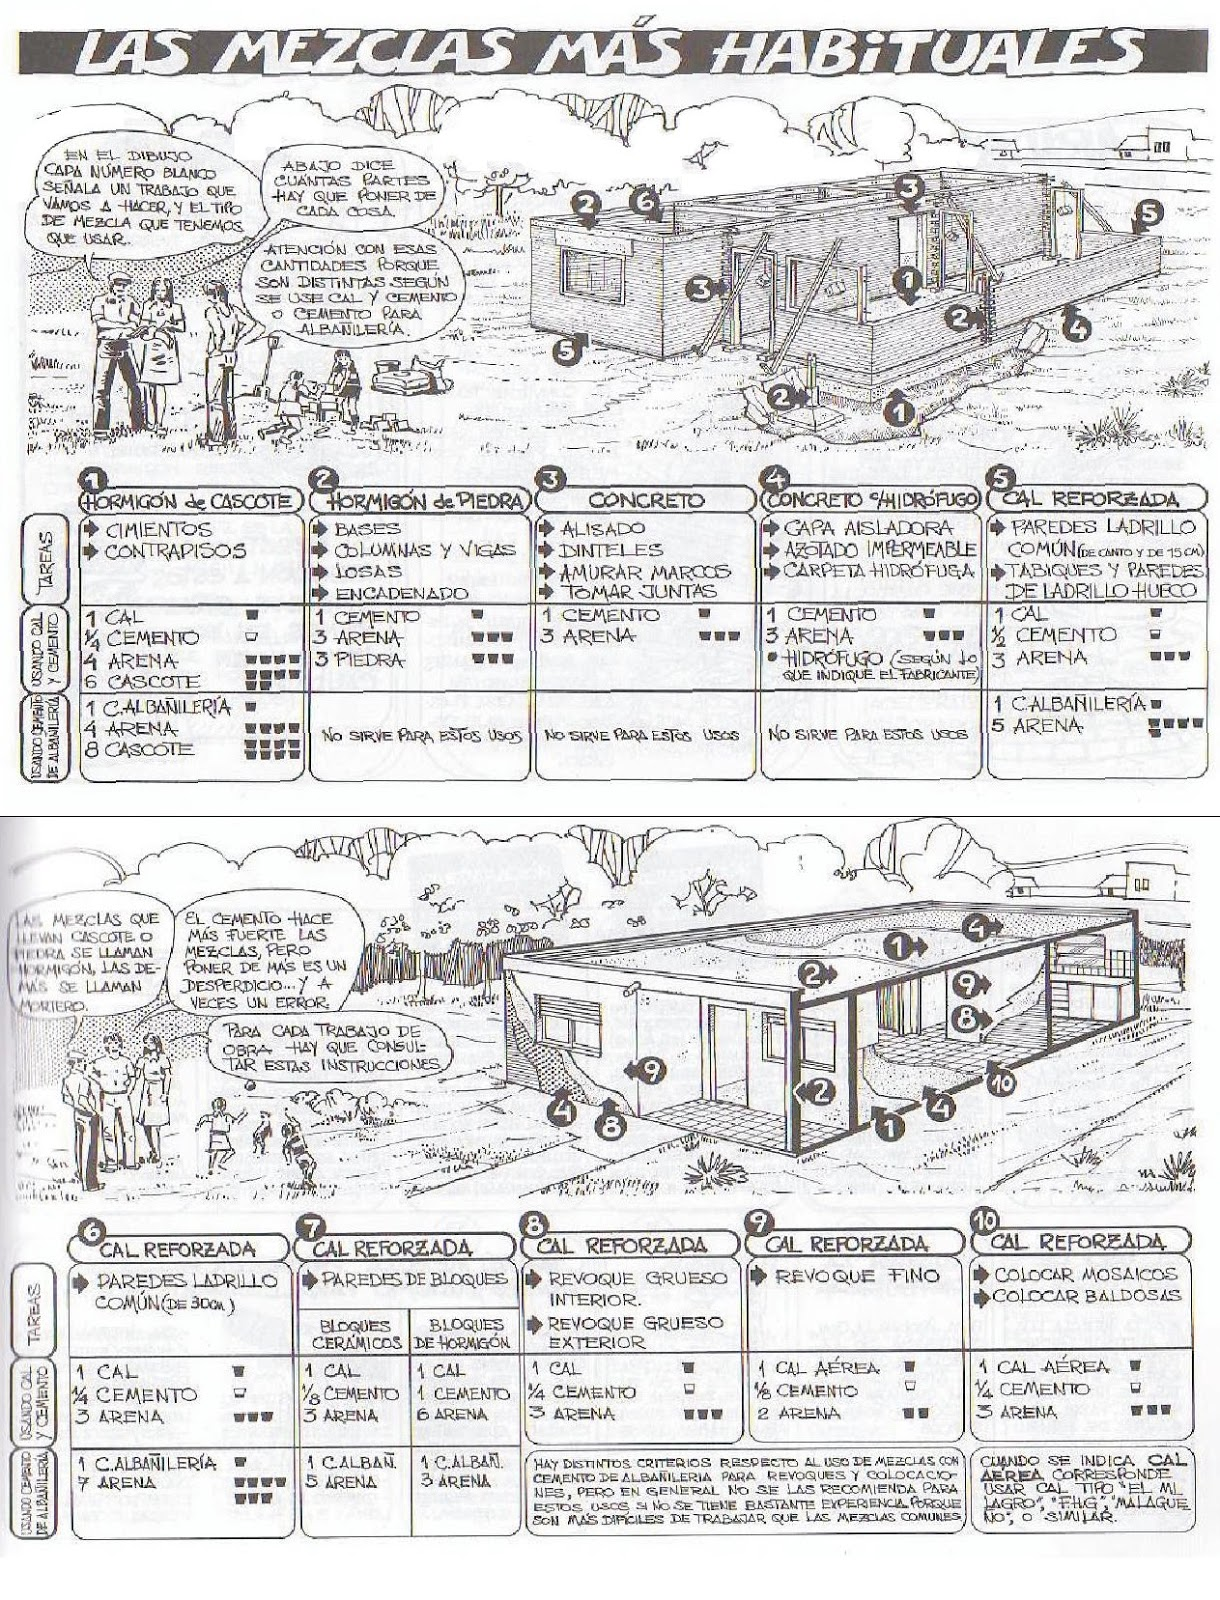 manual practico para la construccion jaime nisnovich pdf [ 1220 x 1600 Pixel ]